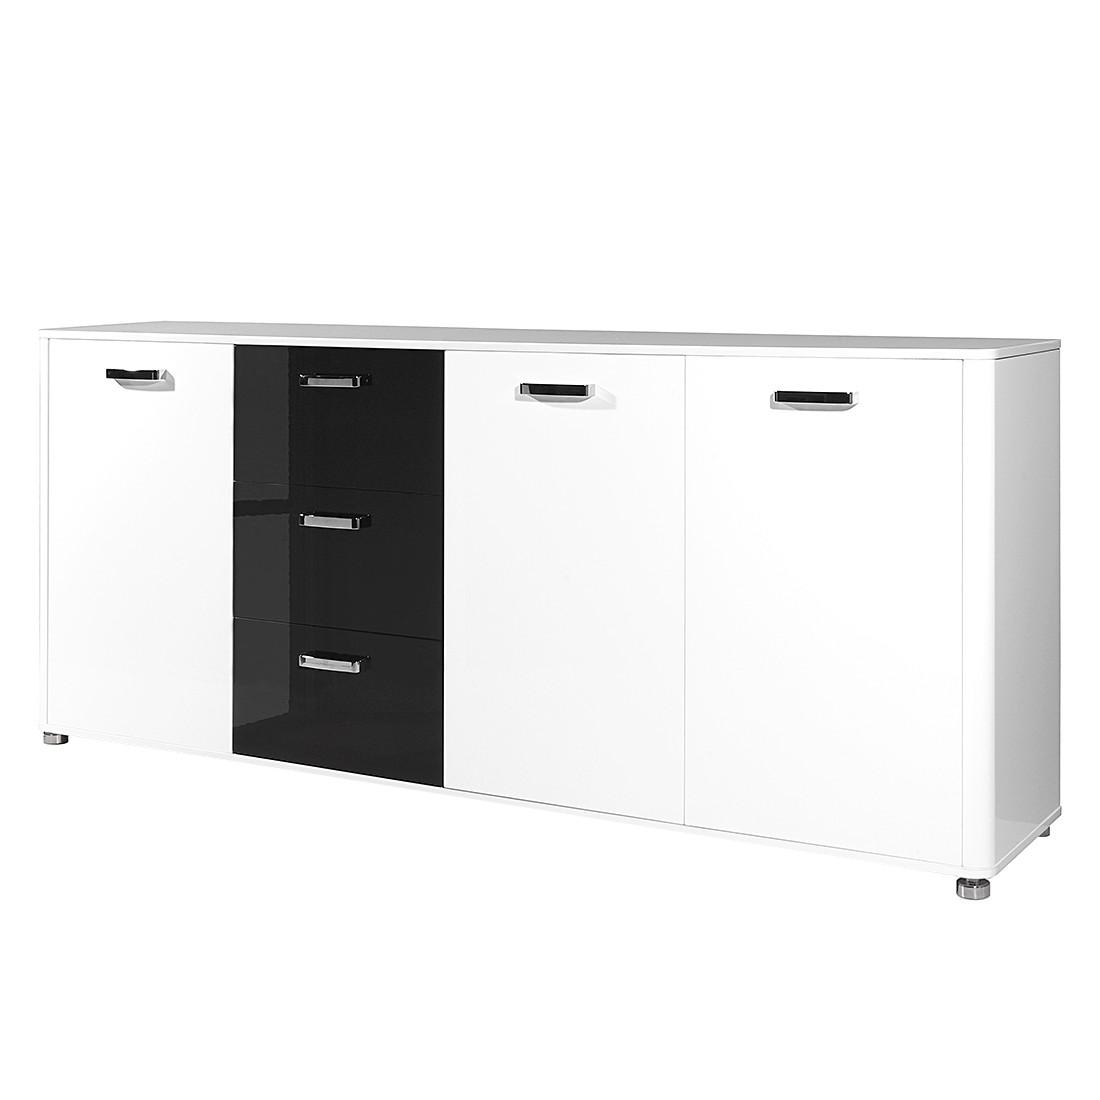 sideboard ii bicolore wei schwarz top square bestellen. Black Bedroom Furniture Sets. Home Design Ideas